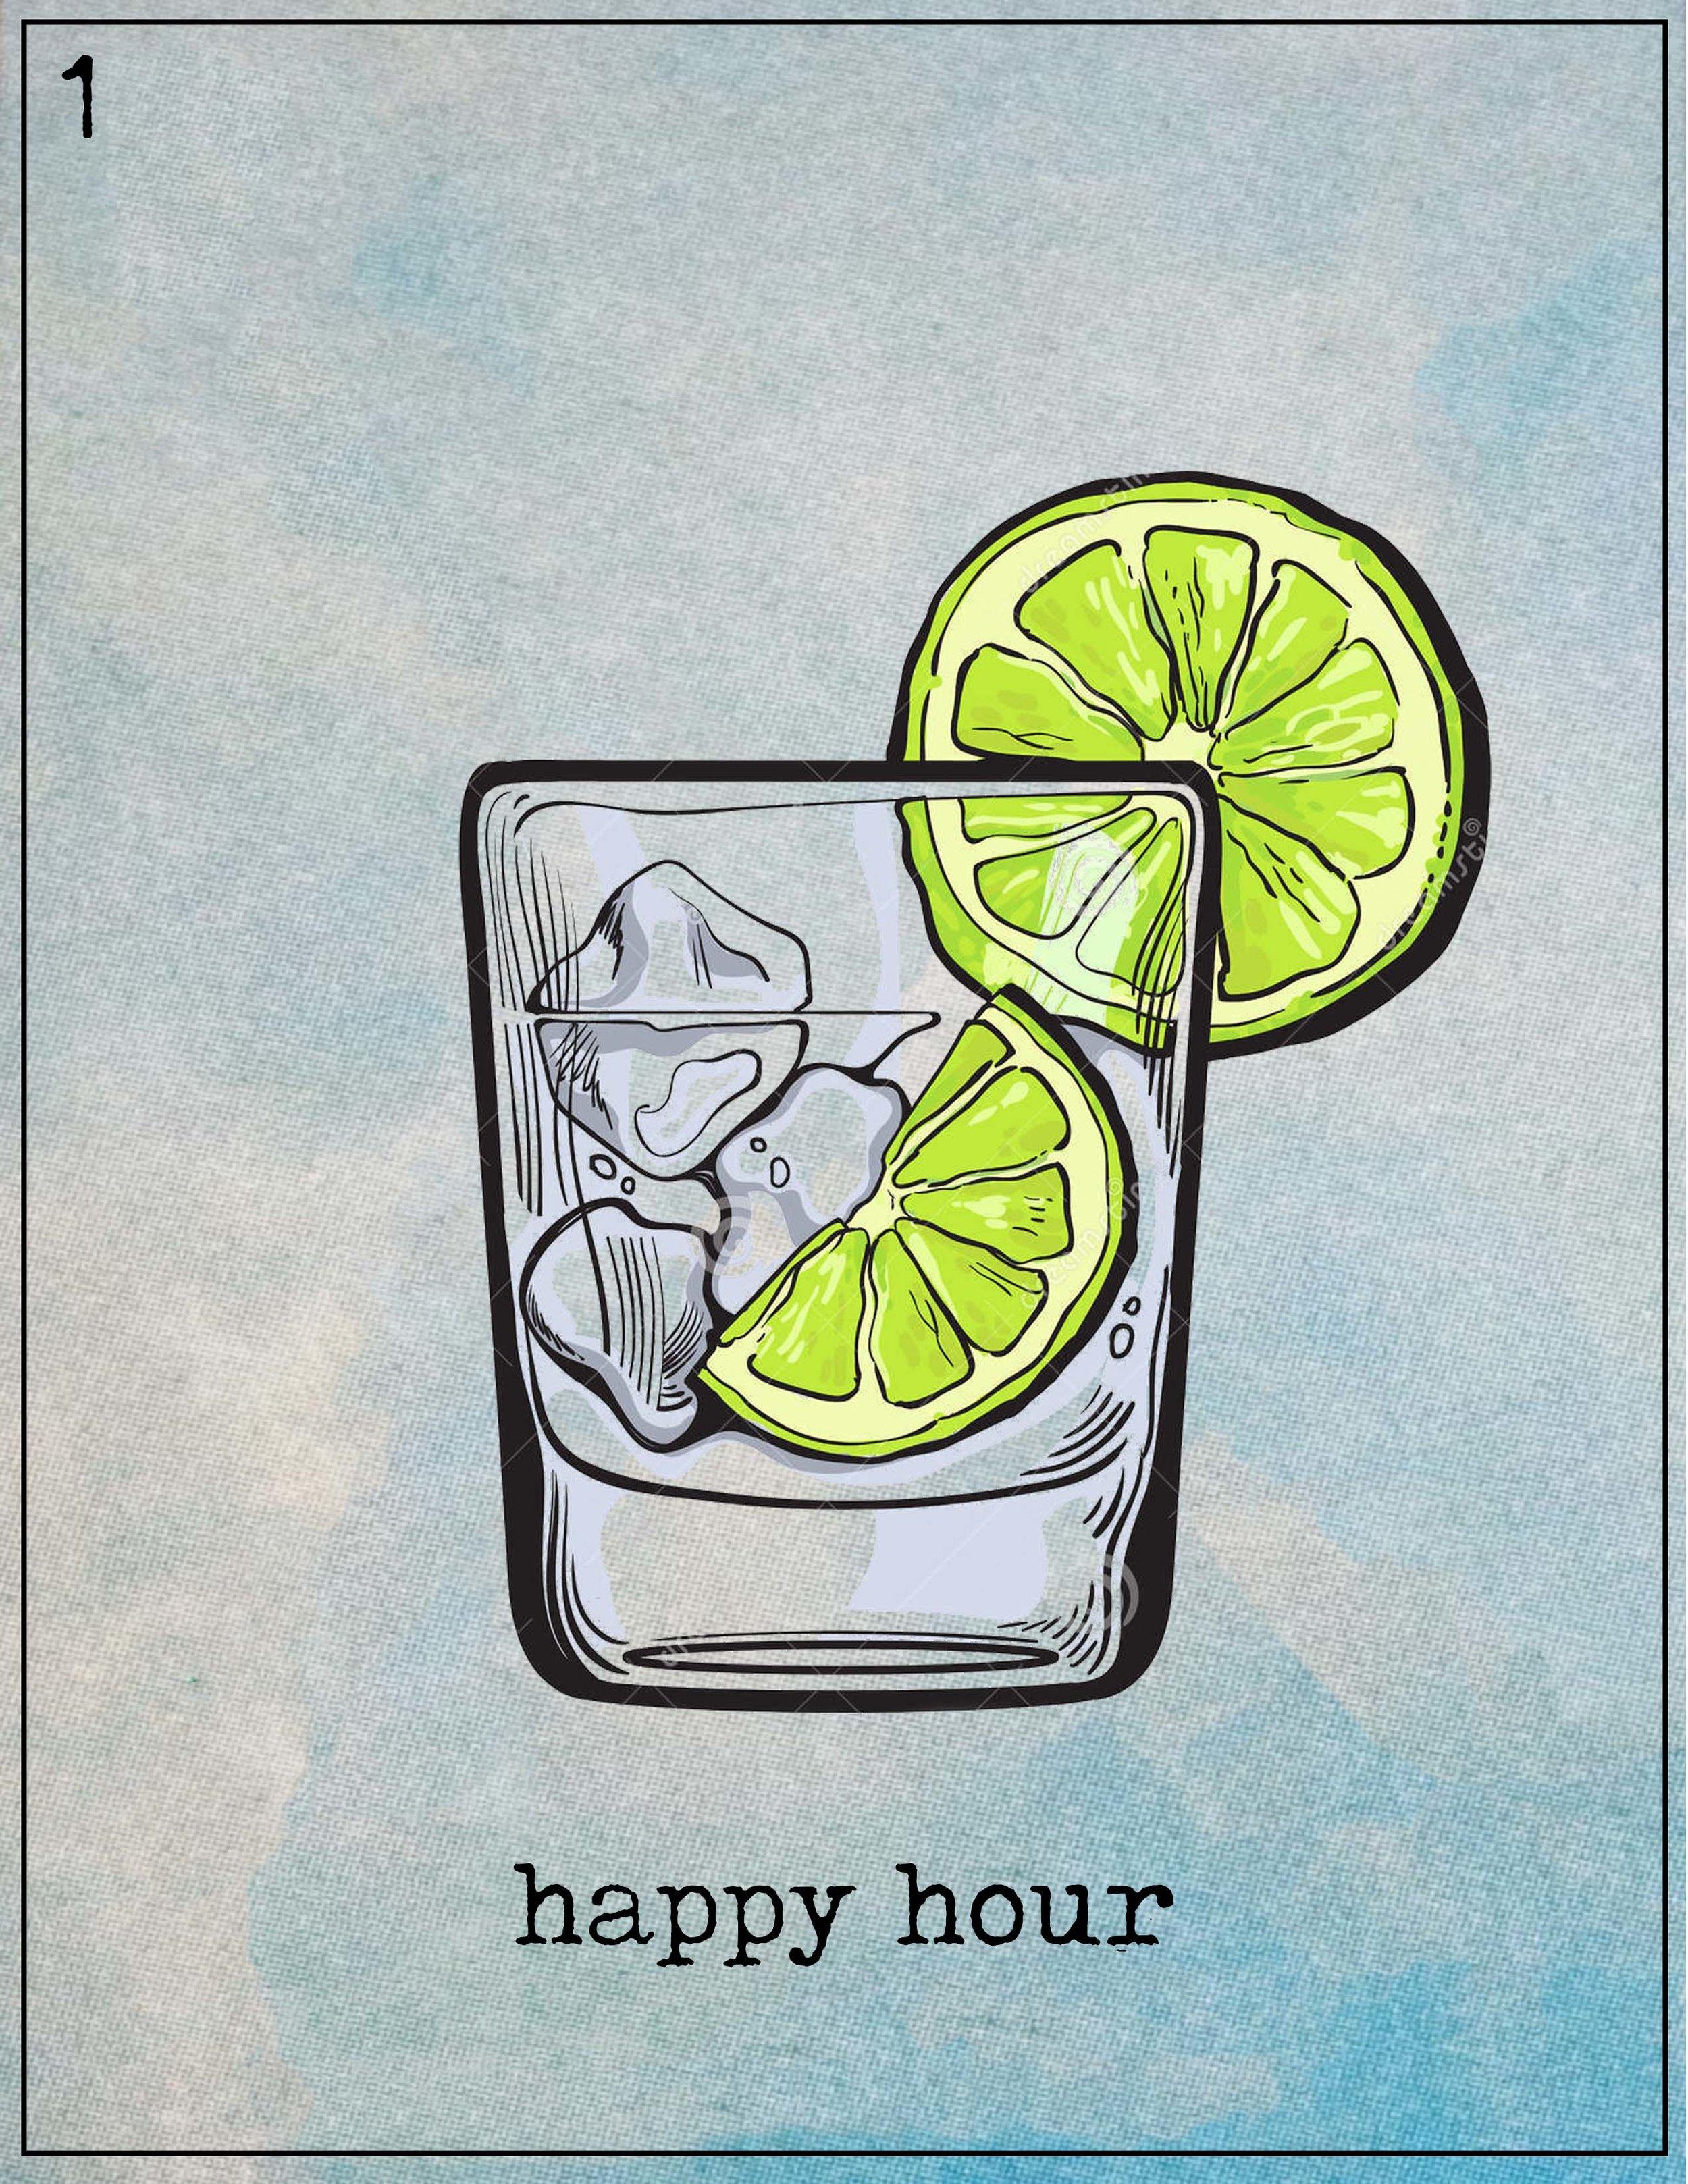 happyhour_flyer.jpg